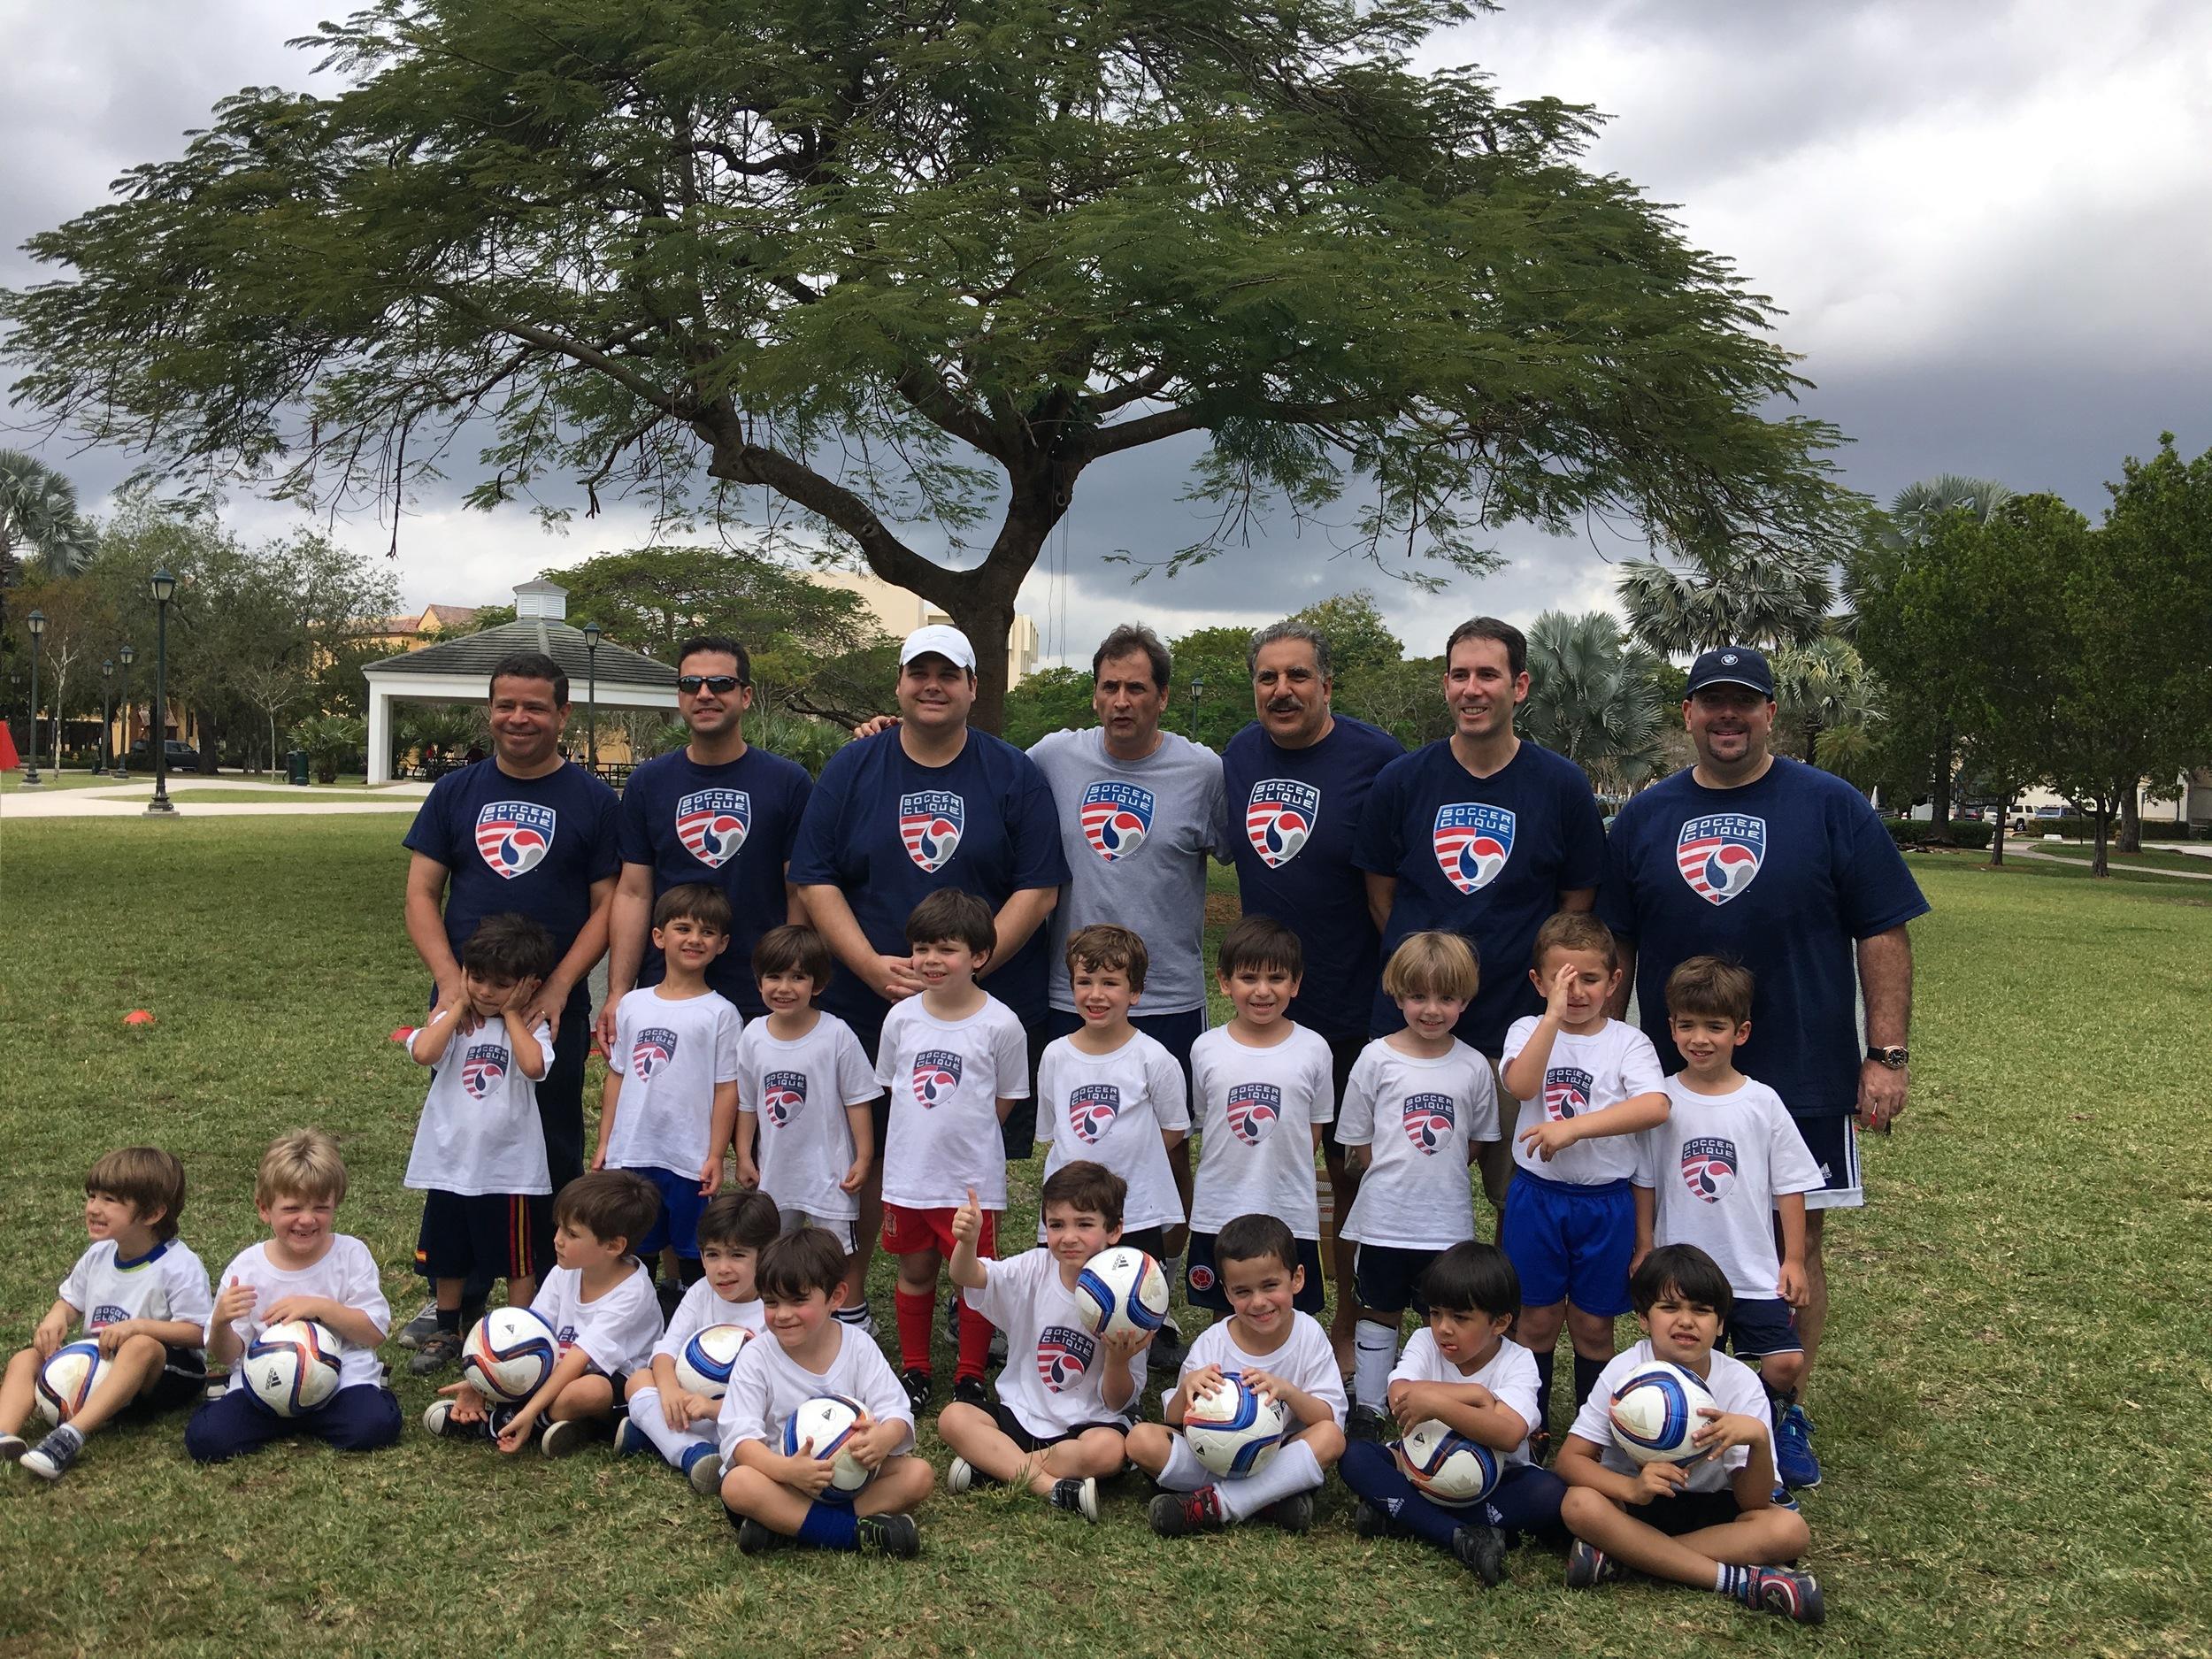 Fernando Fiore visits Soccer Clique U5 Group